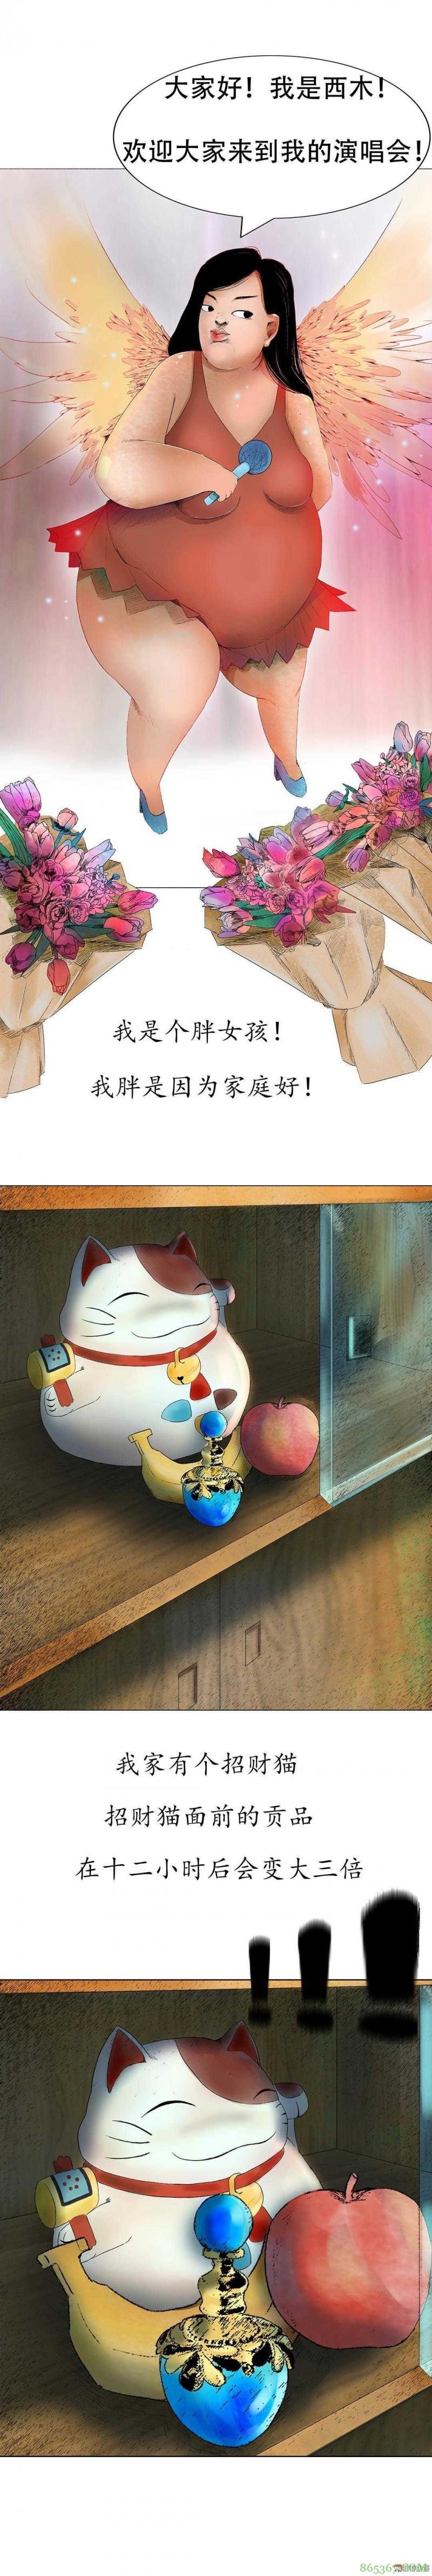 恐怖漫画《减肥症候群》 会发光招财猫让你胖瘦自如